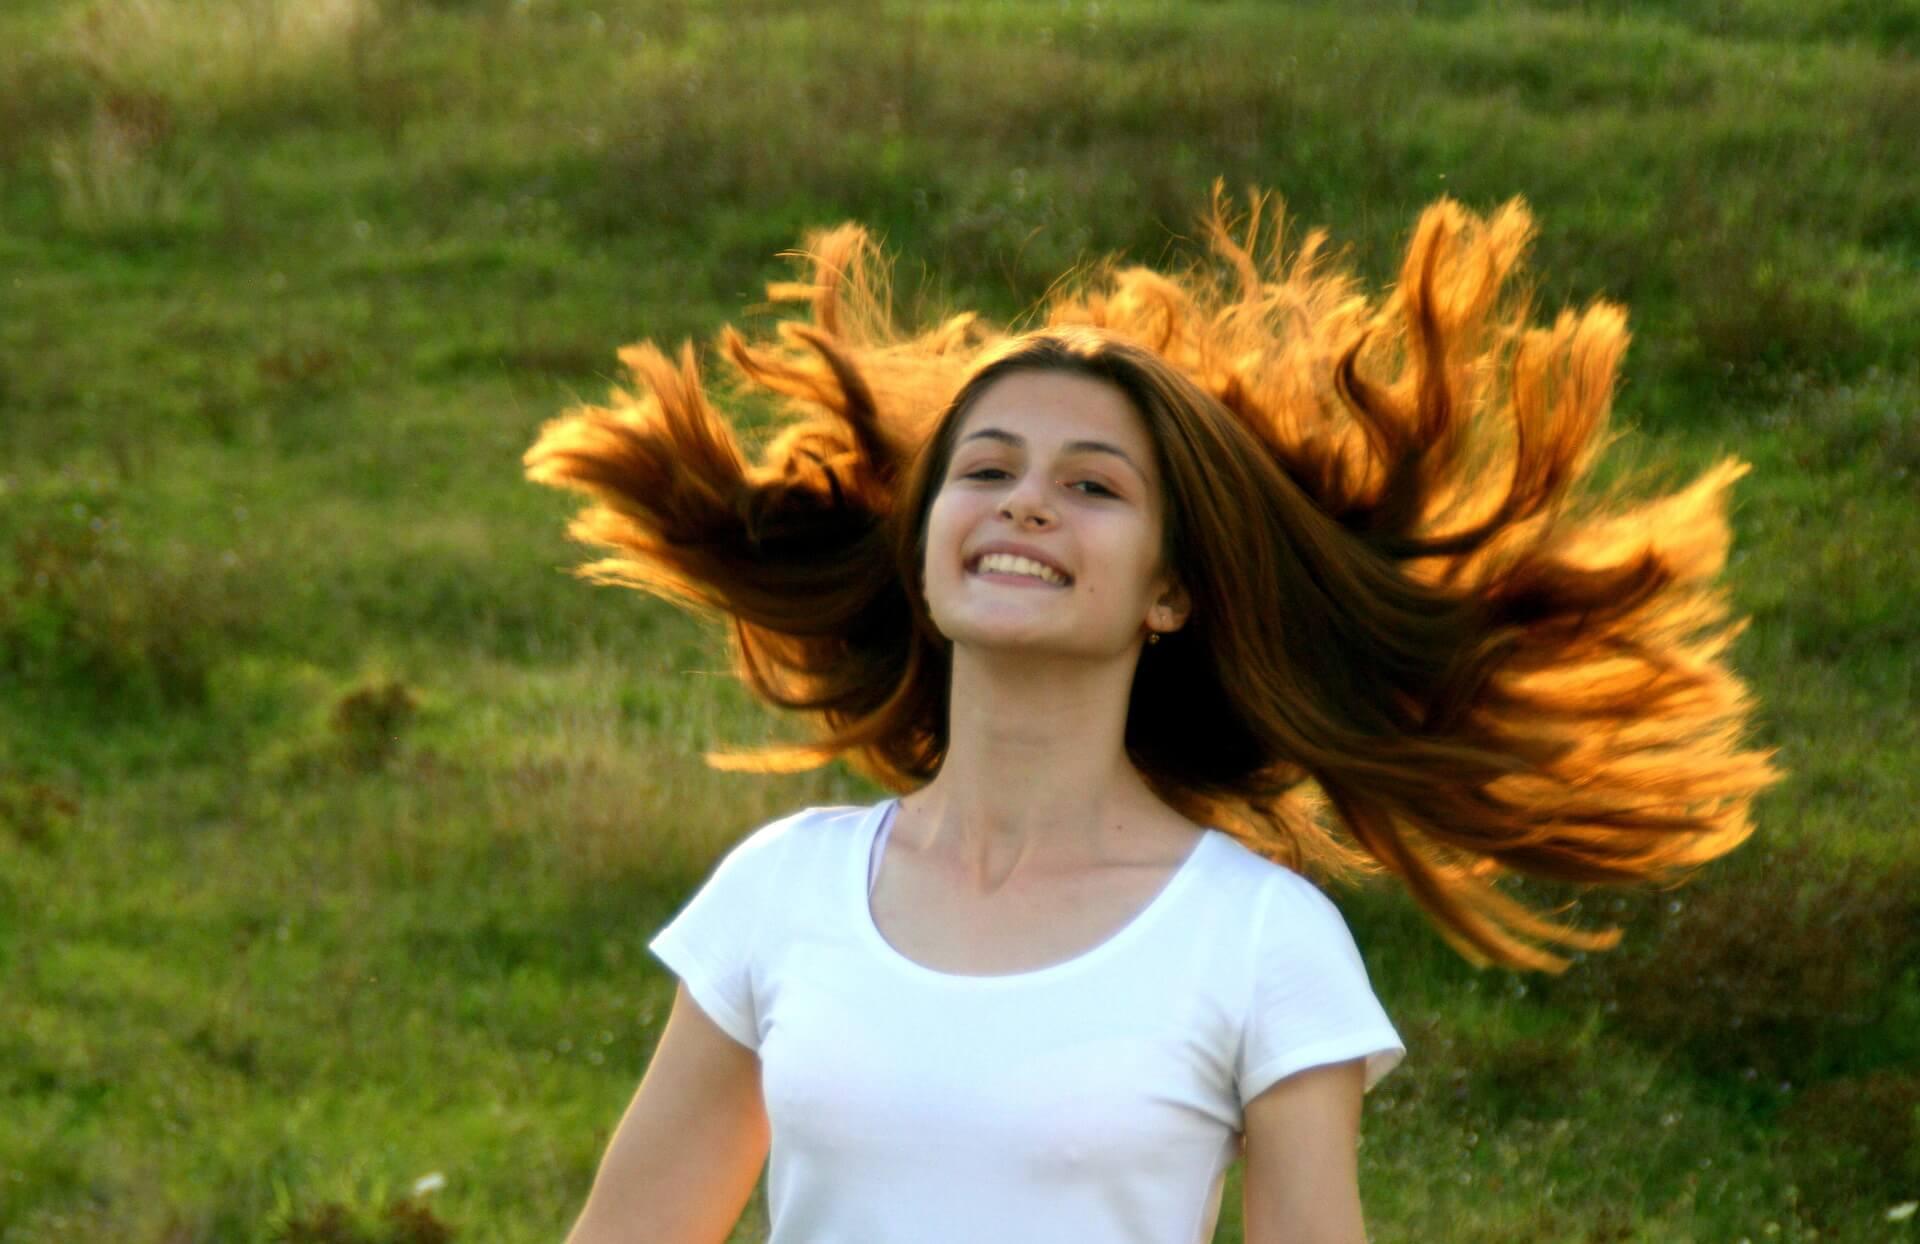 Junge Frau mit langen brünetten Haaren auf sonnenbeschiener Wiese | Foto: Pixabay